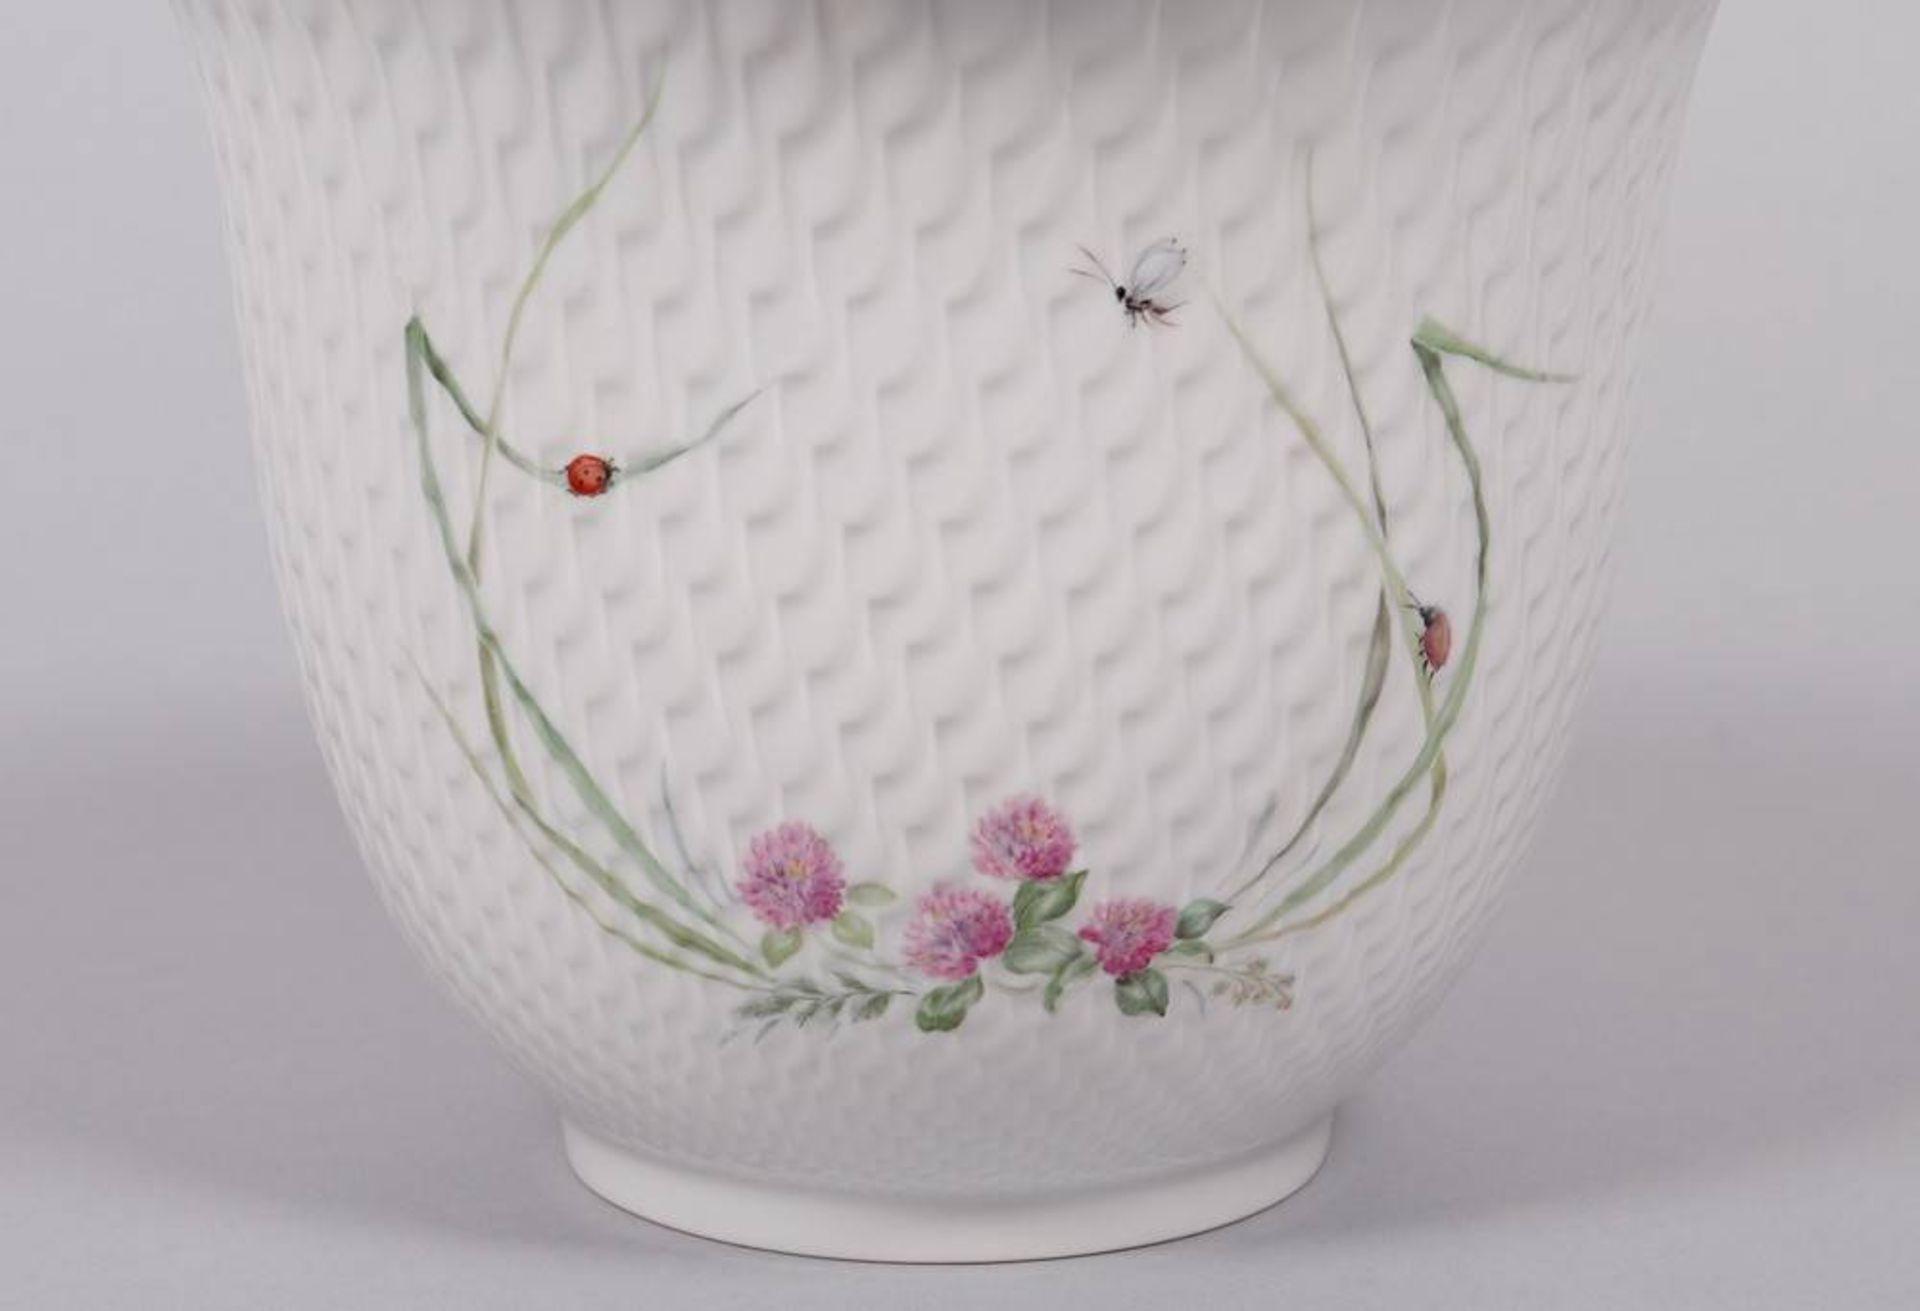 """Cachepot, Meissen, Entwurf Sabine Wachs um 1995, Dekor """"Waldflora mit Insekten"""" - Image 2 of 4"""